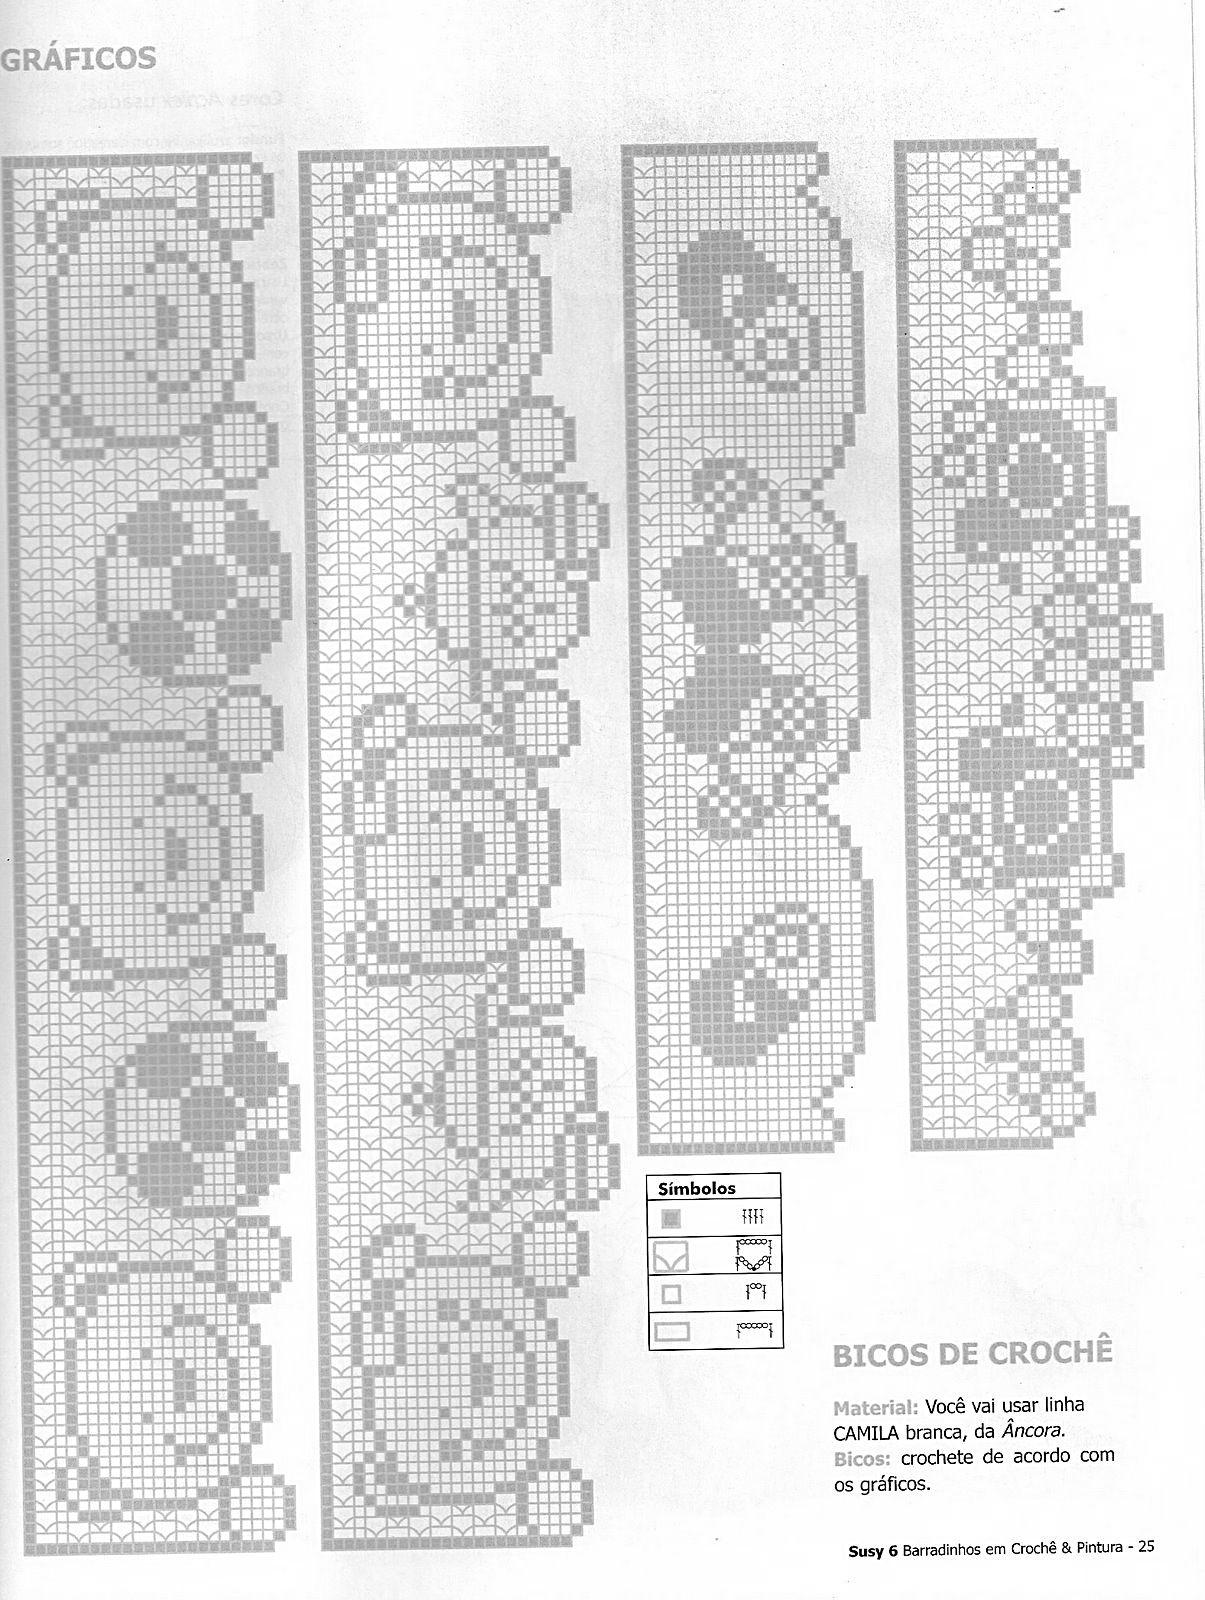 Schemi uncinetto bordi per bimbi | Patrón de ganchillo, Ganchillo y ...